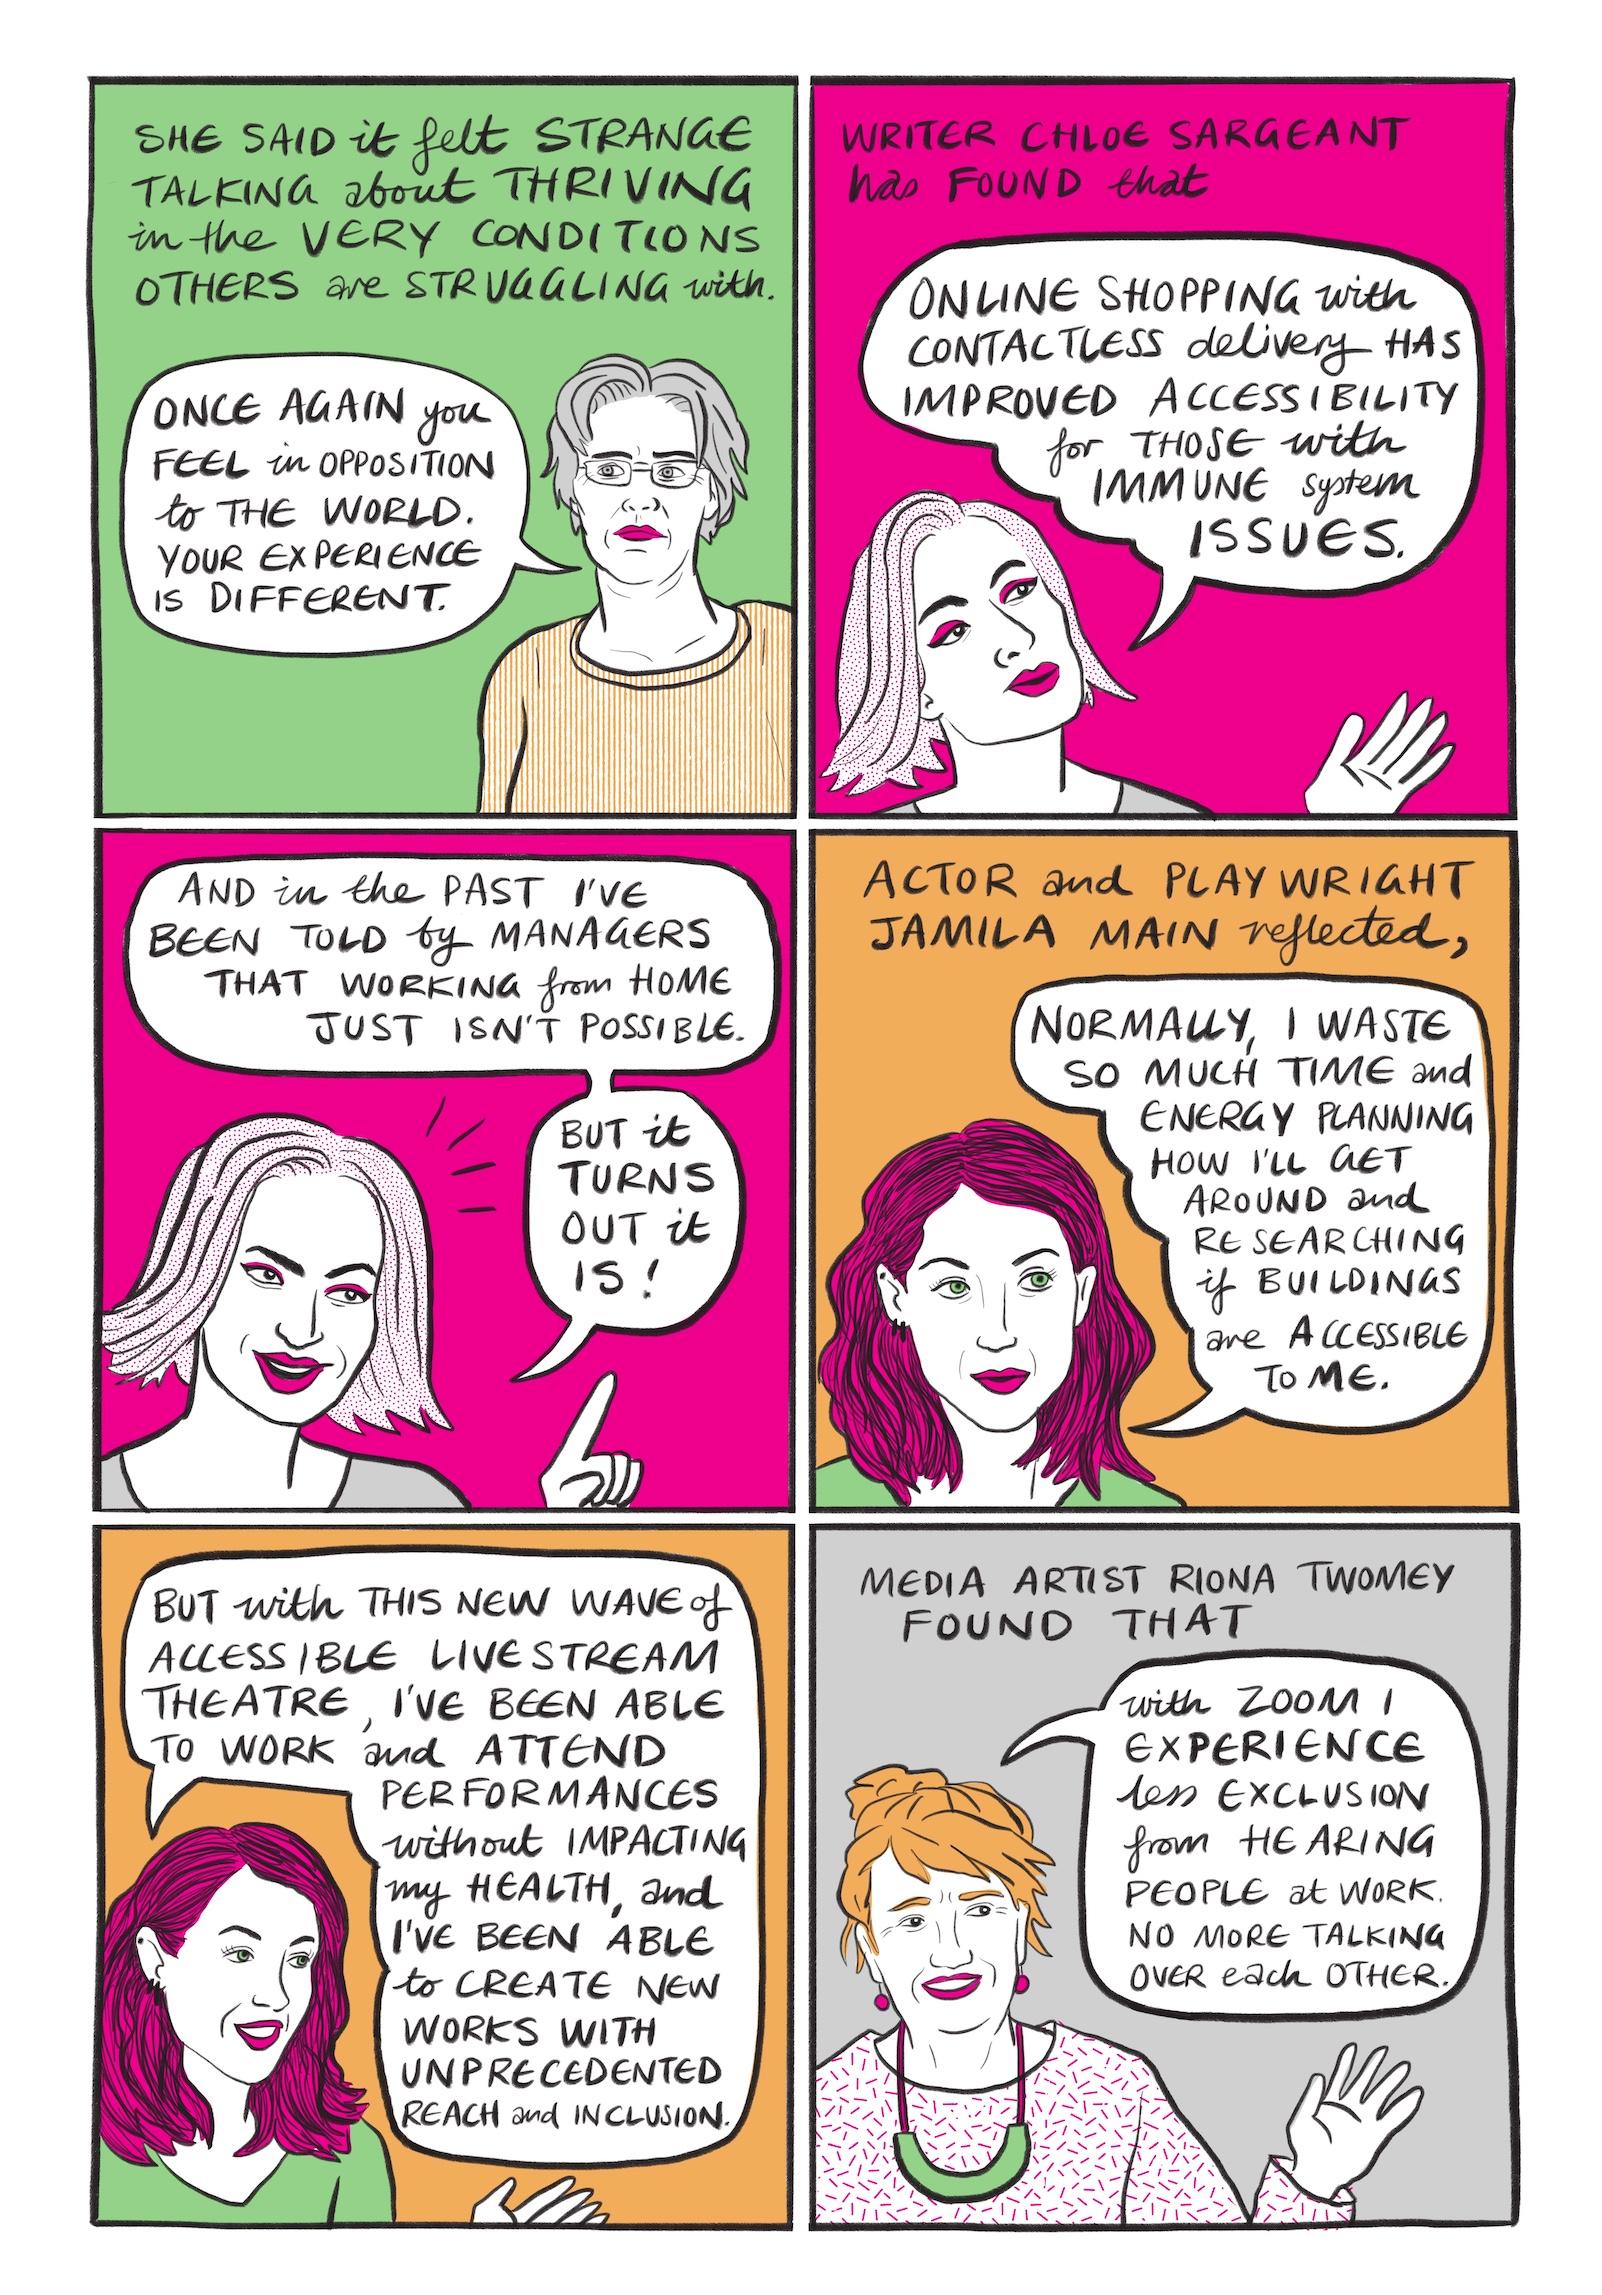 Seite 8:   Bild 1: Die gleiche Frau mit hellorangenem Shirt und grauen Haaren ist erneut am rechten unteren Bildrand vor grünem Hintergrund dargestellt, diesmal jedoch circa ab Brusthöhe. Ihr Kopf ist nun zwar dem Betrachter zugewandt, ihre grauen Augen richtet sie jedoch nach links. In einer Sprechblase zu ihrer linken steht…  Sie sagte, es fühle sich seltsam an, über ihr eigenes Aufblühen in genau den Bedingungen zu sprechen, mit denen andere zu kämpfen haben. Wieder einmal befindet man sich auf einer anderen Seite der Welt. Deine eigene Erfahrung ist eine andere.  Bild 2: Vor pinkfarbenem Hintergrund ist am linken unteren Bildrand ist eine bisher unbekannte Frau schulteraufwärts dargestellt. Sie ist jünger als die vorherige Person, trägt kinnlange hellrosa Haare mit Mittelscheitel, knalligen pinkfarbenen Lidschatten und Lippenstift und ein graues Shirt. Ihre linke Hand hebt sie in den Bildraum, sie blickt zu einer Sprechblase über ihrem Kopf in der steht…  Die Schriftstellerin Chloe Sargeant hat festgestellt, dass Online-Shopping mit kontaktloser Lieferung die Zugänglichkeit für Menschen mit Problemen des Immunsystems verbessert hat.  Bild 3: Vor pinkfarbenem Hintergrund ist die gleiche junge Frau abgebildet, sie hat ihren Kopf angwinkelt, lächelt und hat den linken Zeigefinger ihrer Hand erhoben. Aufgeteilt auf zwei Sprechblasen über ihrem Kopf steht…  Und in der Vergangenheit wurde mir von Managern gesagt, dass Arbeiten von zu Hause aus einfach nicht möglich ist. Aber es hat sich herausgestellt, dass es doch geht!  Bild 4: Vor orangefarbenem Hintergrund ist im linken unteren Bildrand eine weitere Frau schulteraufwärts dargestellt. Sie trägt knallig pinkfarbene schulterlange Haare mit Seitenscheitel, Piercings in ihrem rechten Ohr und ein grünes Shirt. Auch sie hat knallige pinke Lippen, hat grüne Augen und blickt mit diesen zur Sprechblase, die rechts neben ihrem Kopf dargestellt ist und auf der steht…  Die Schauspielerin und Theaterautorin Jamila Main meinte: 